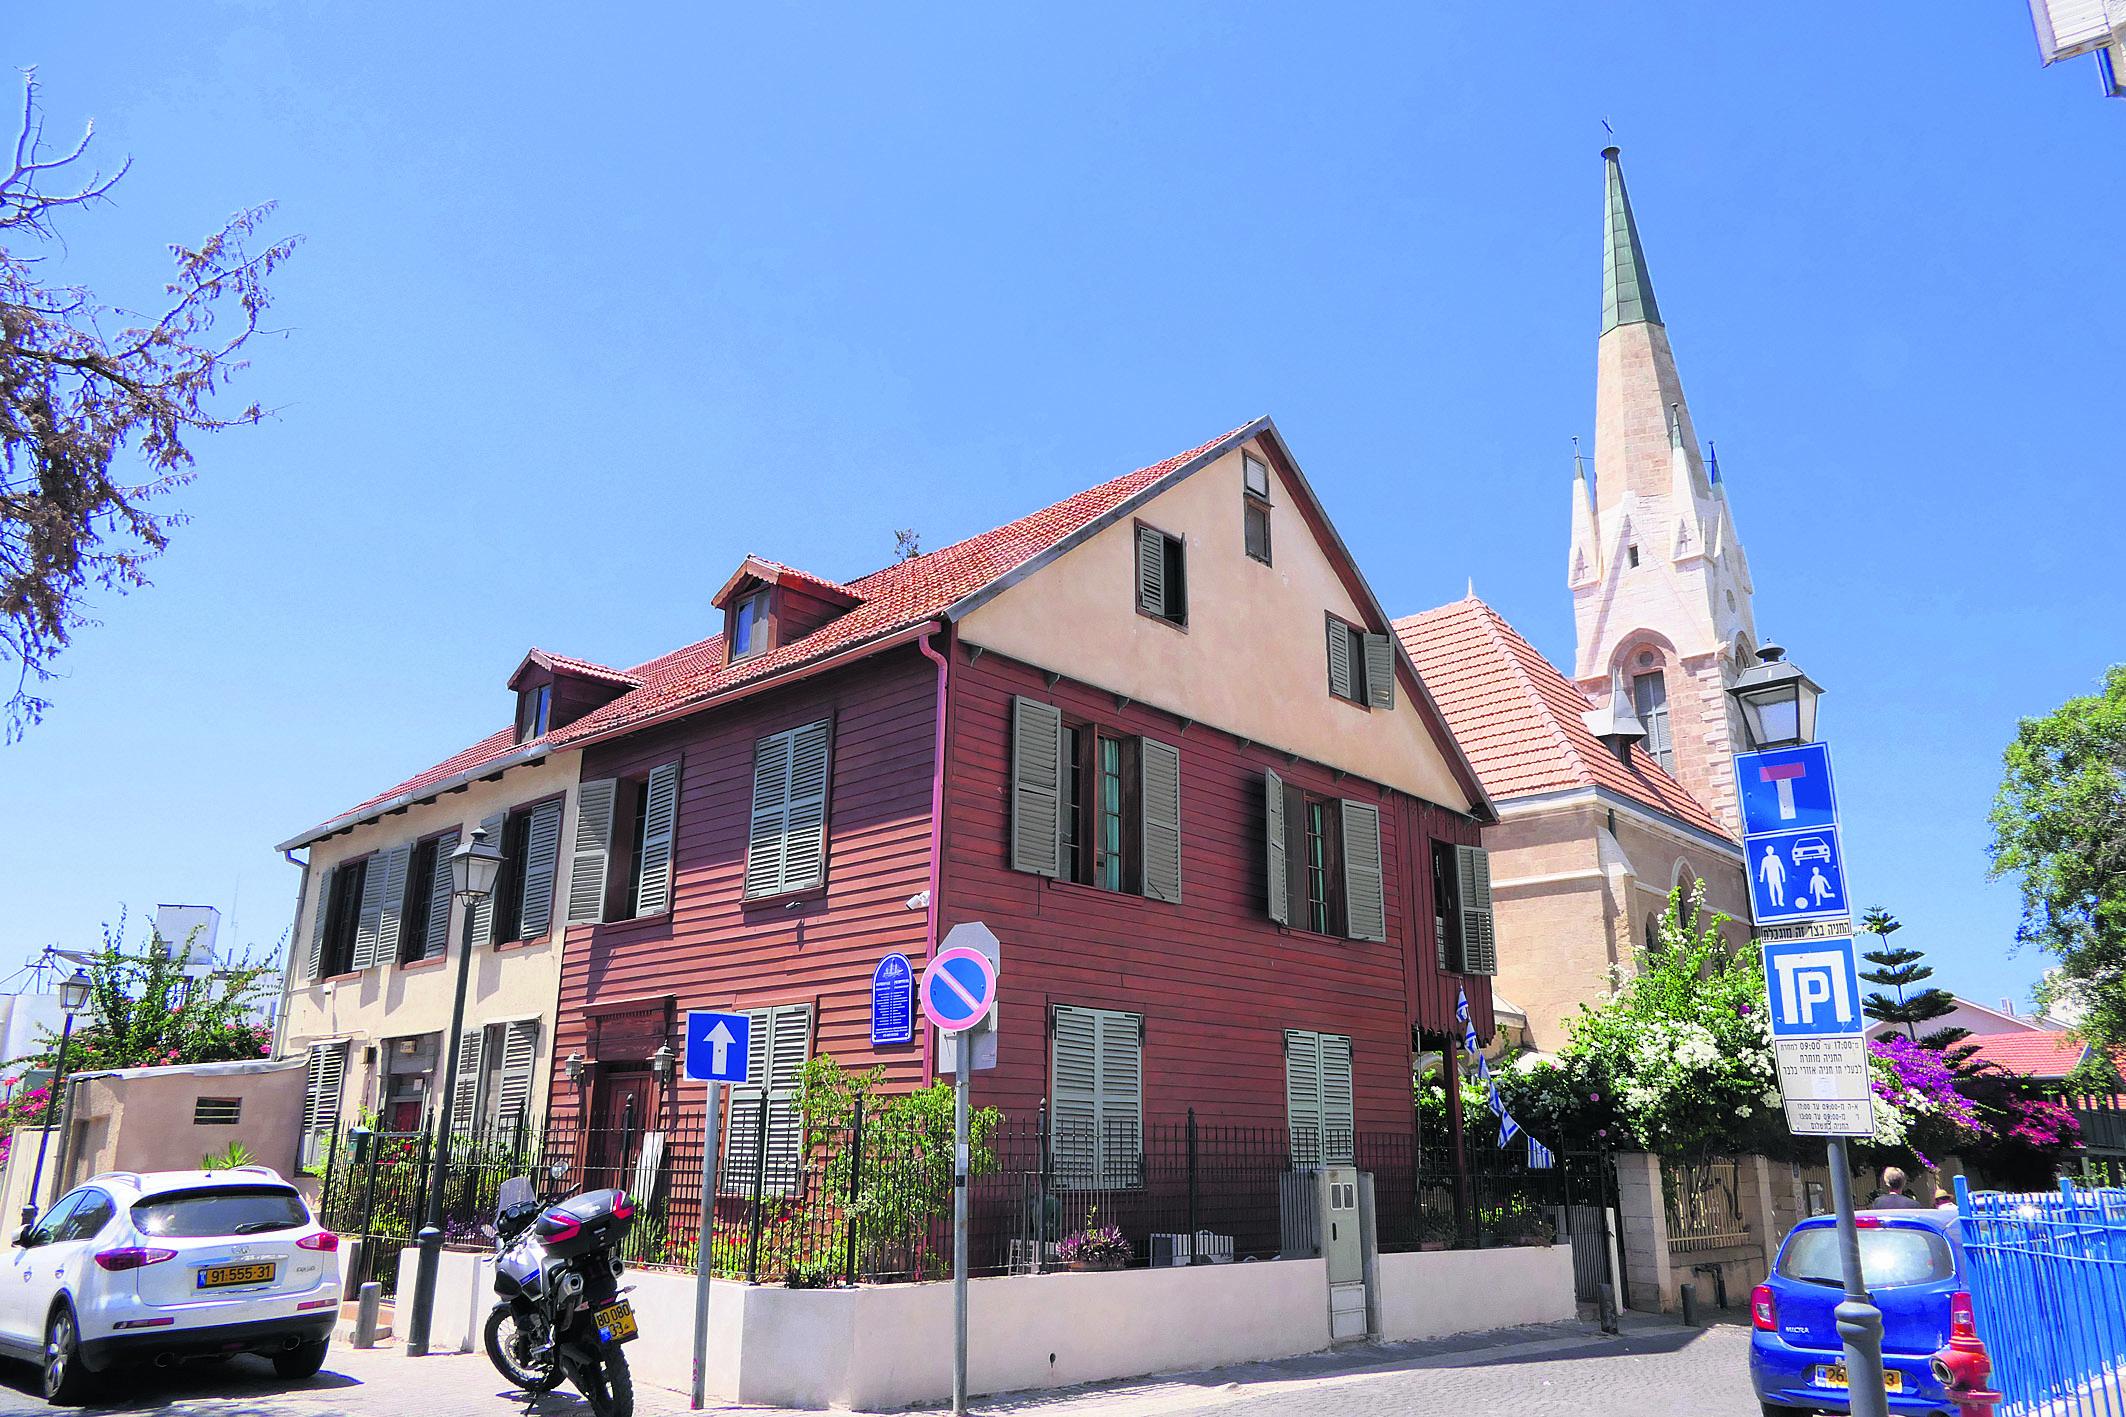 כנסיית ואכסניית עמנואל. לא להחמיץ